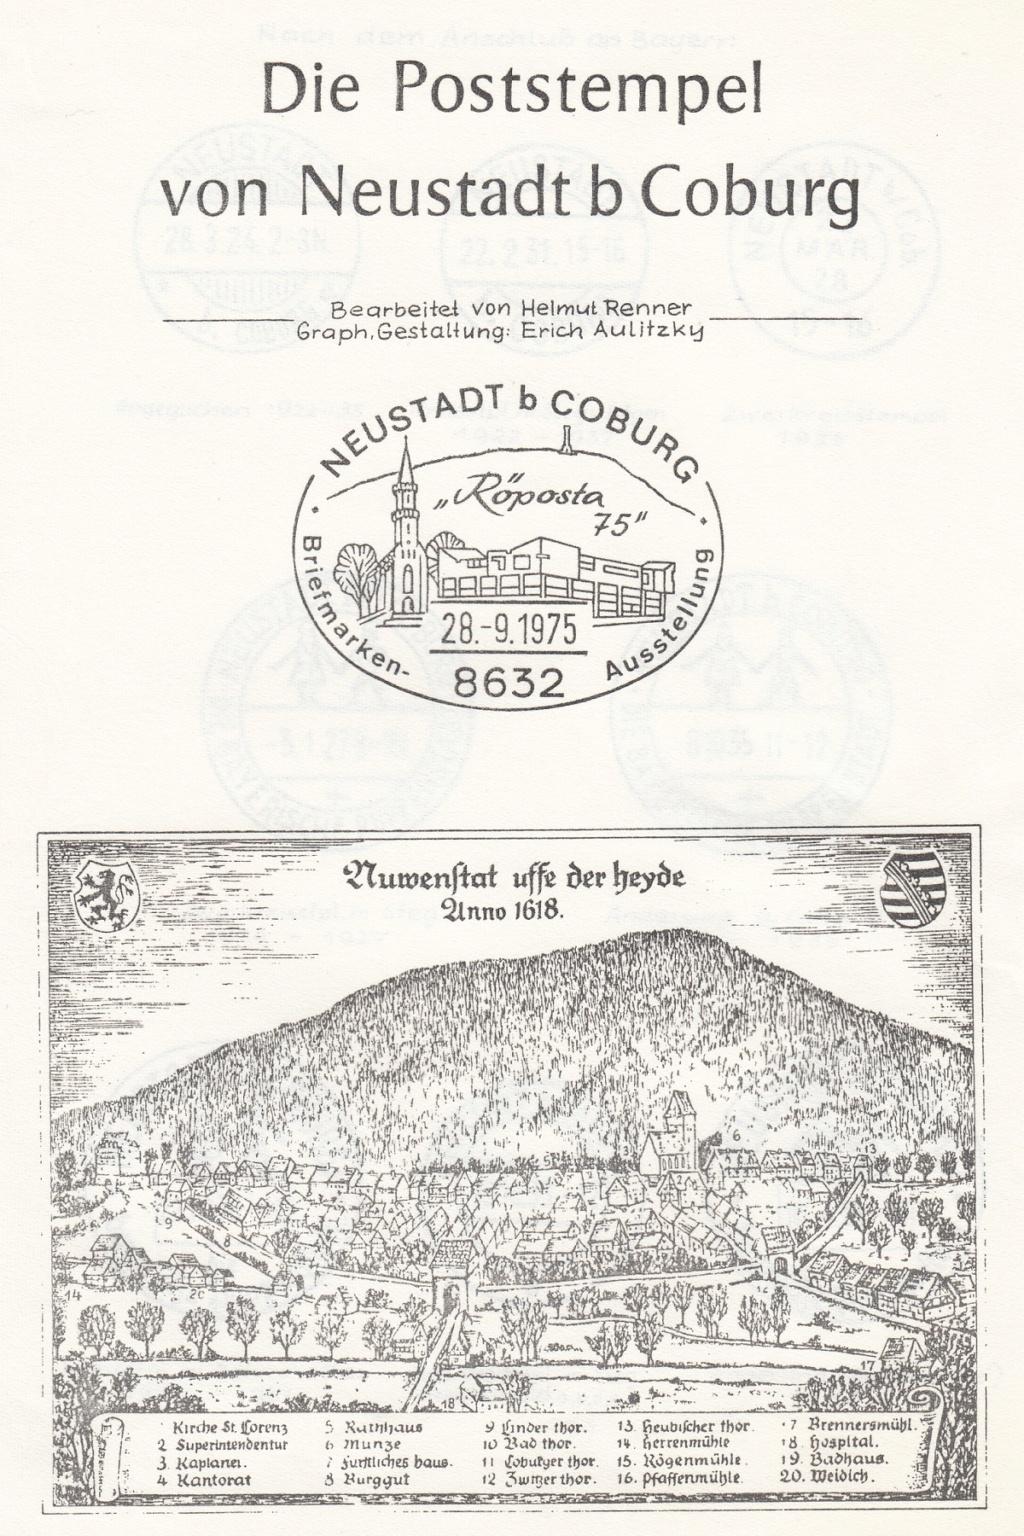 Die Postgeschichte von Neustadt bei Coburg Nec110